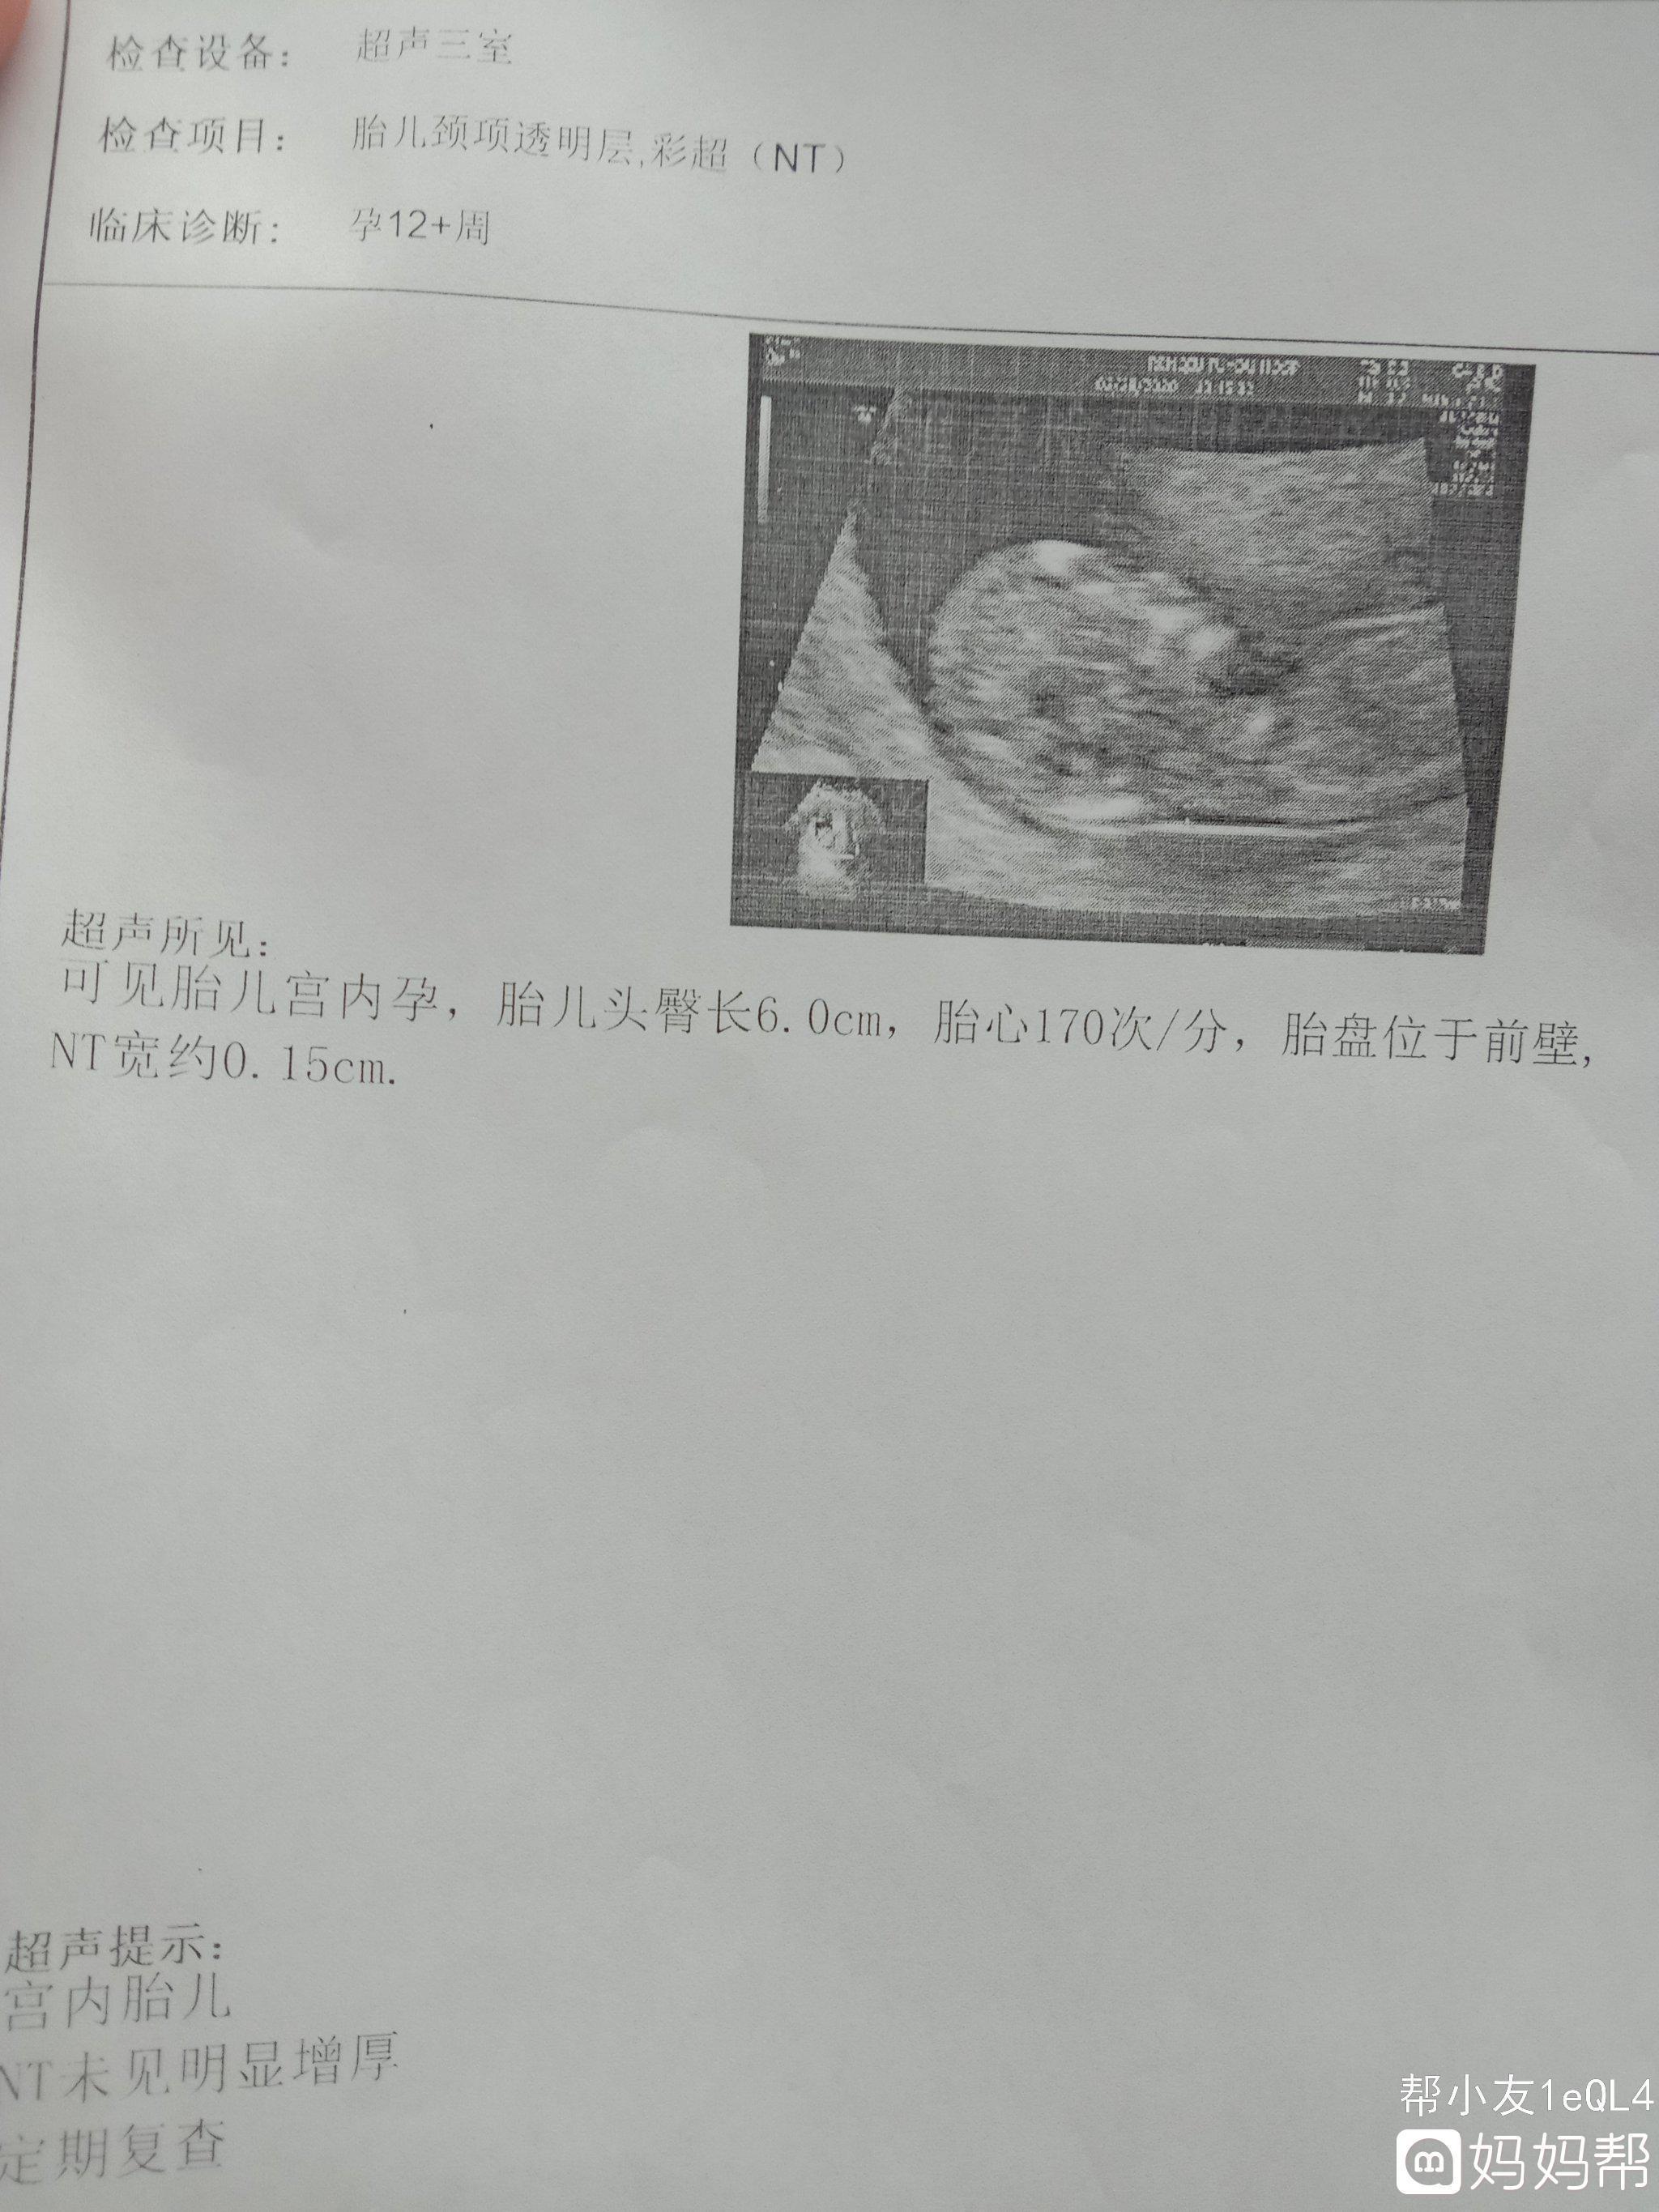 医生说好像是男孩准吗 怀孕三个月男孩的征兆